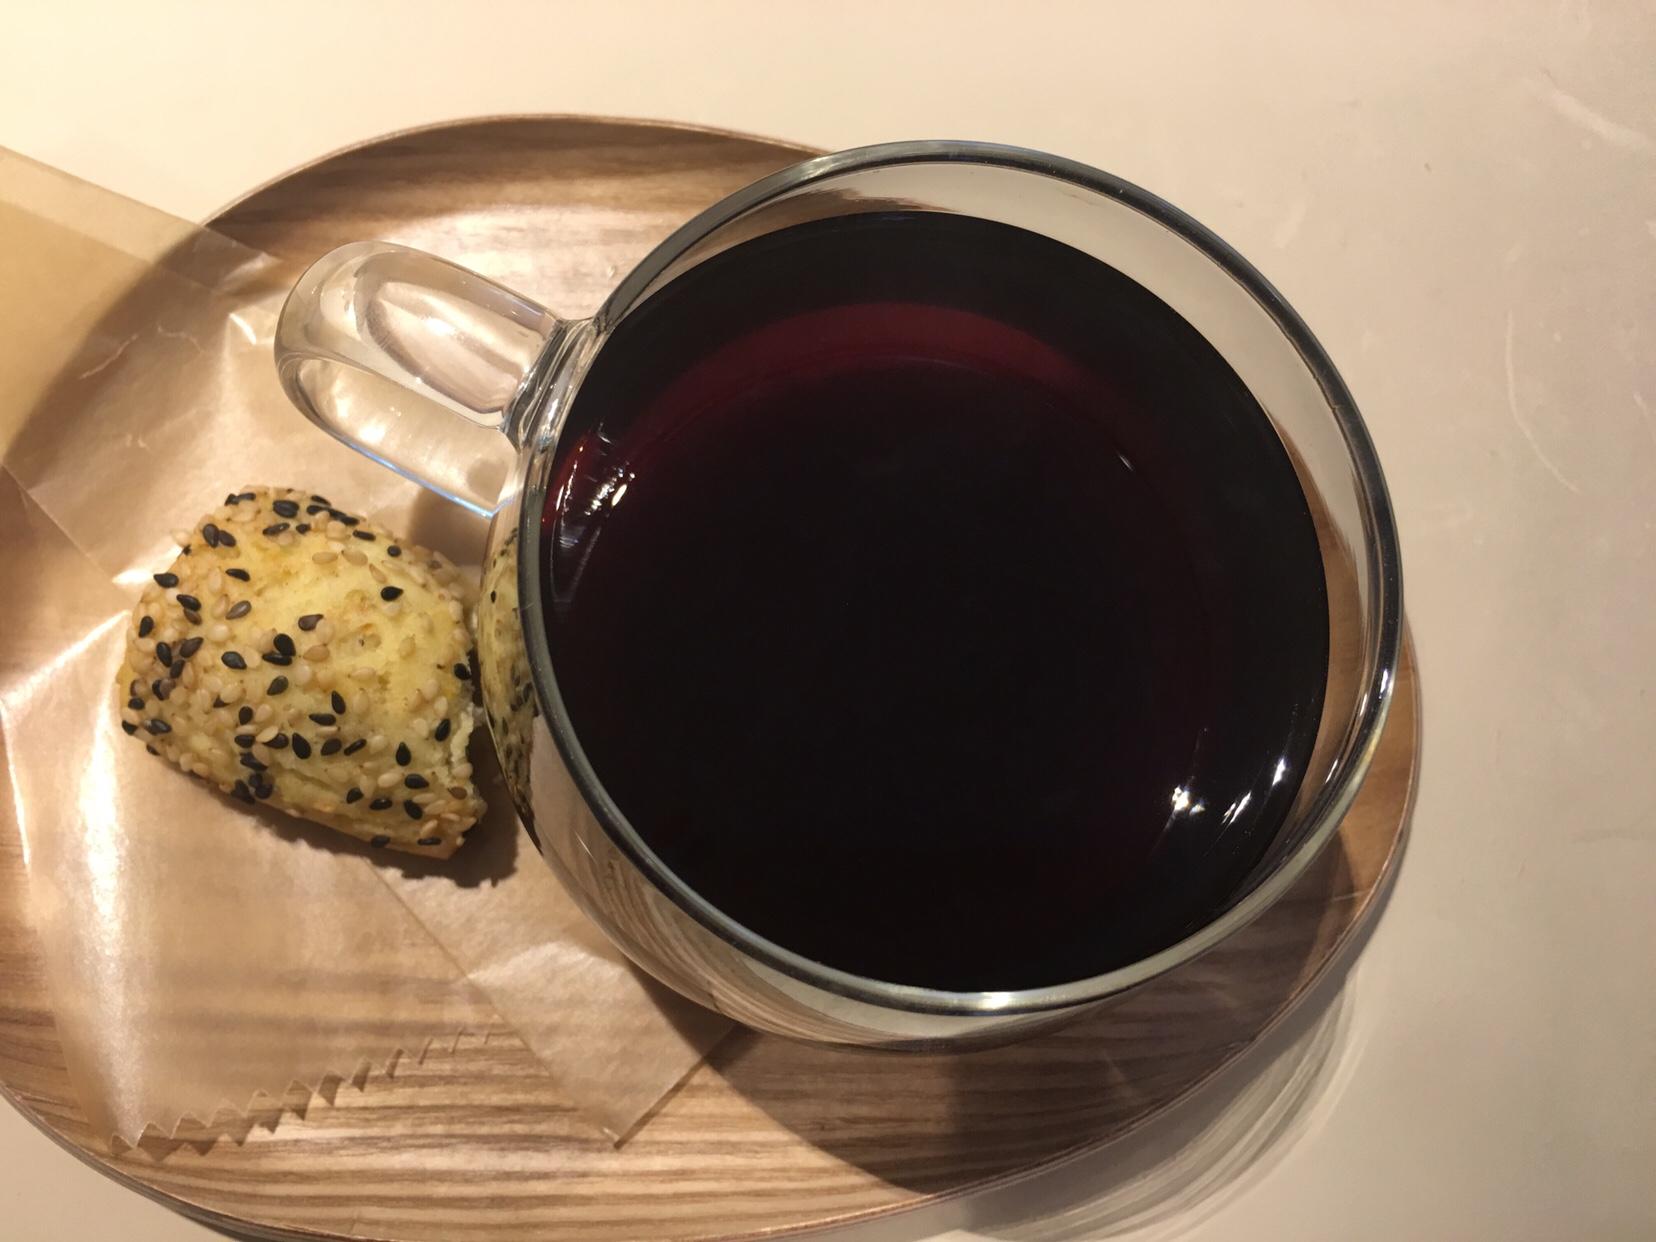 三茶ブルーボトルコーヒーのスモールロットの味が七変化だった件